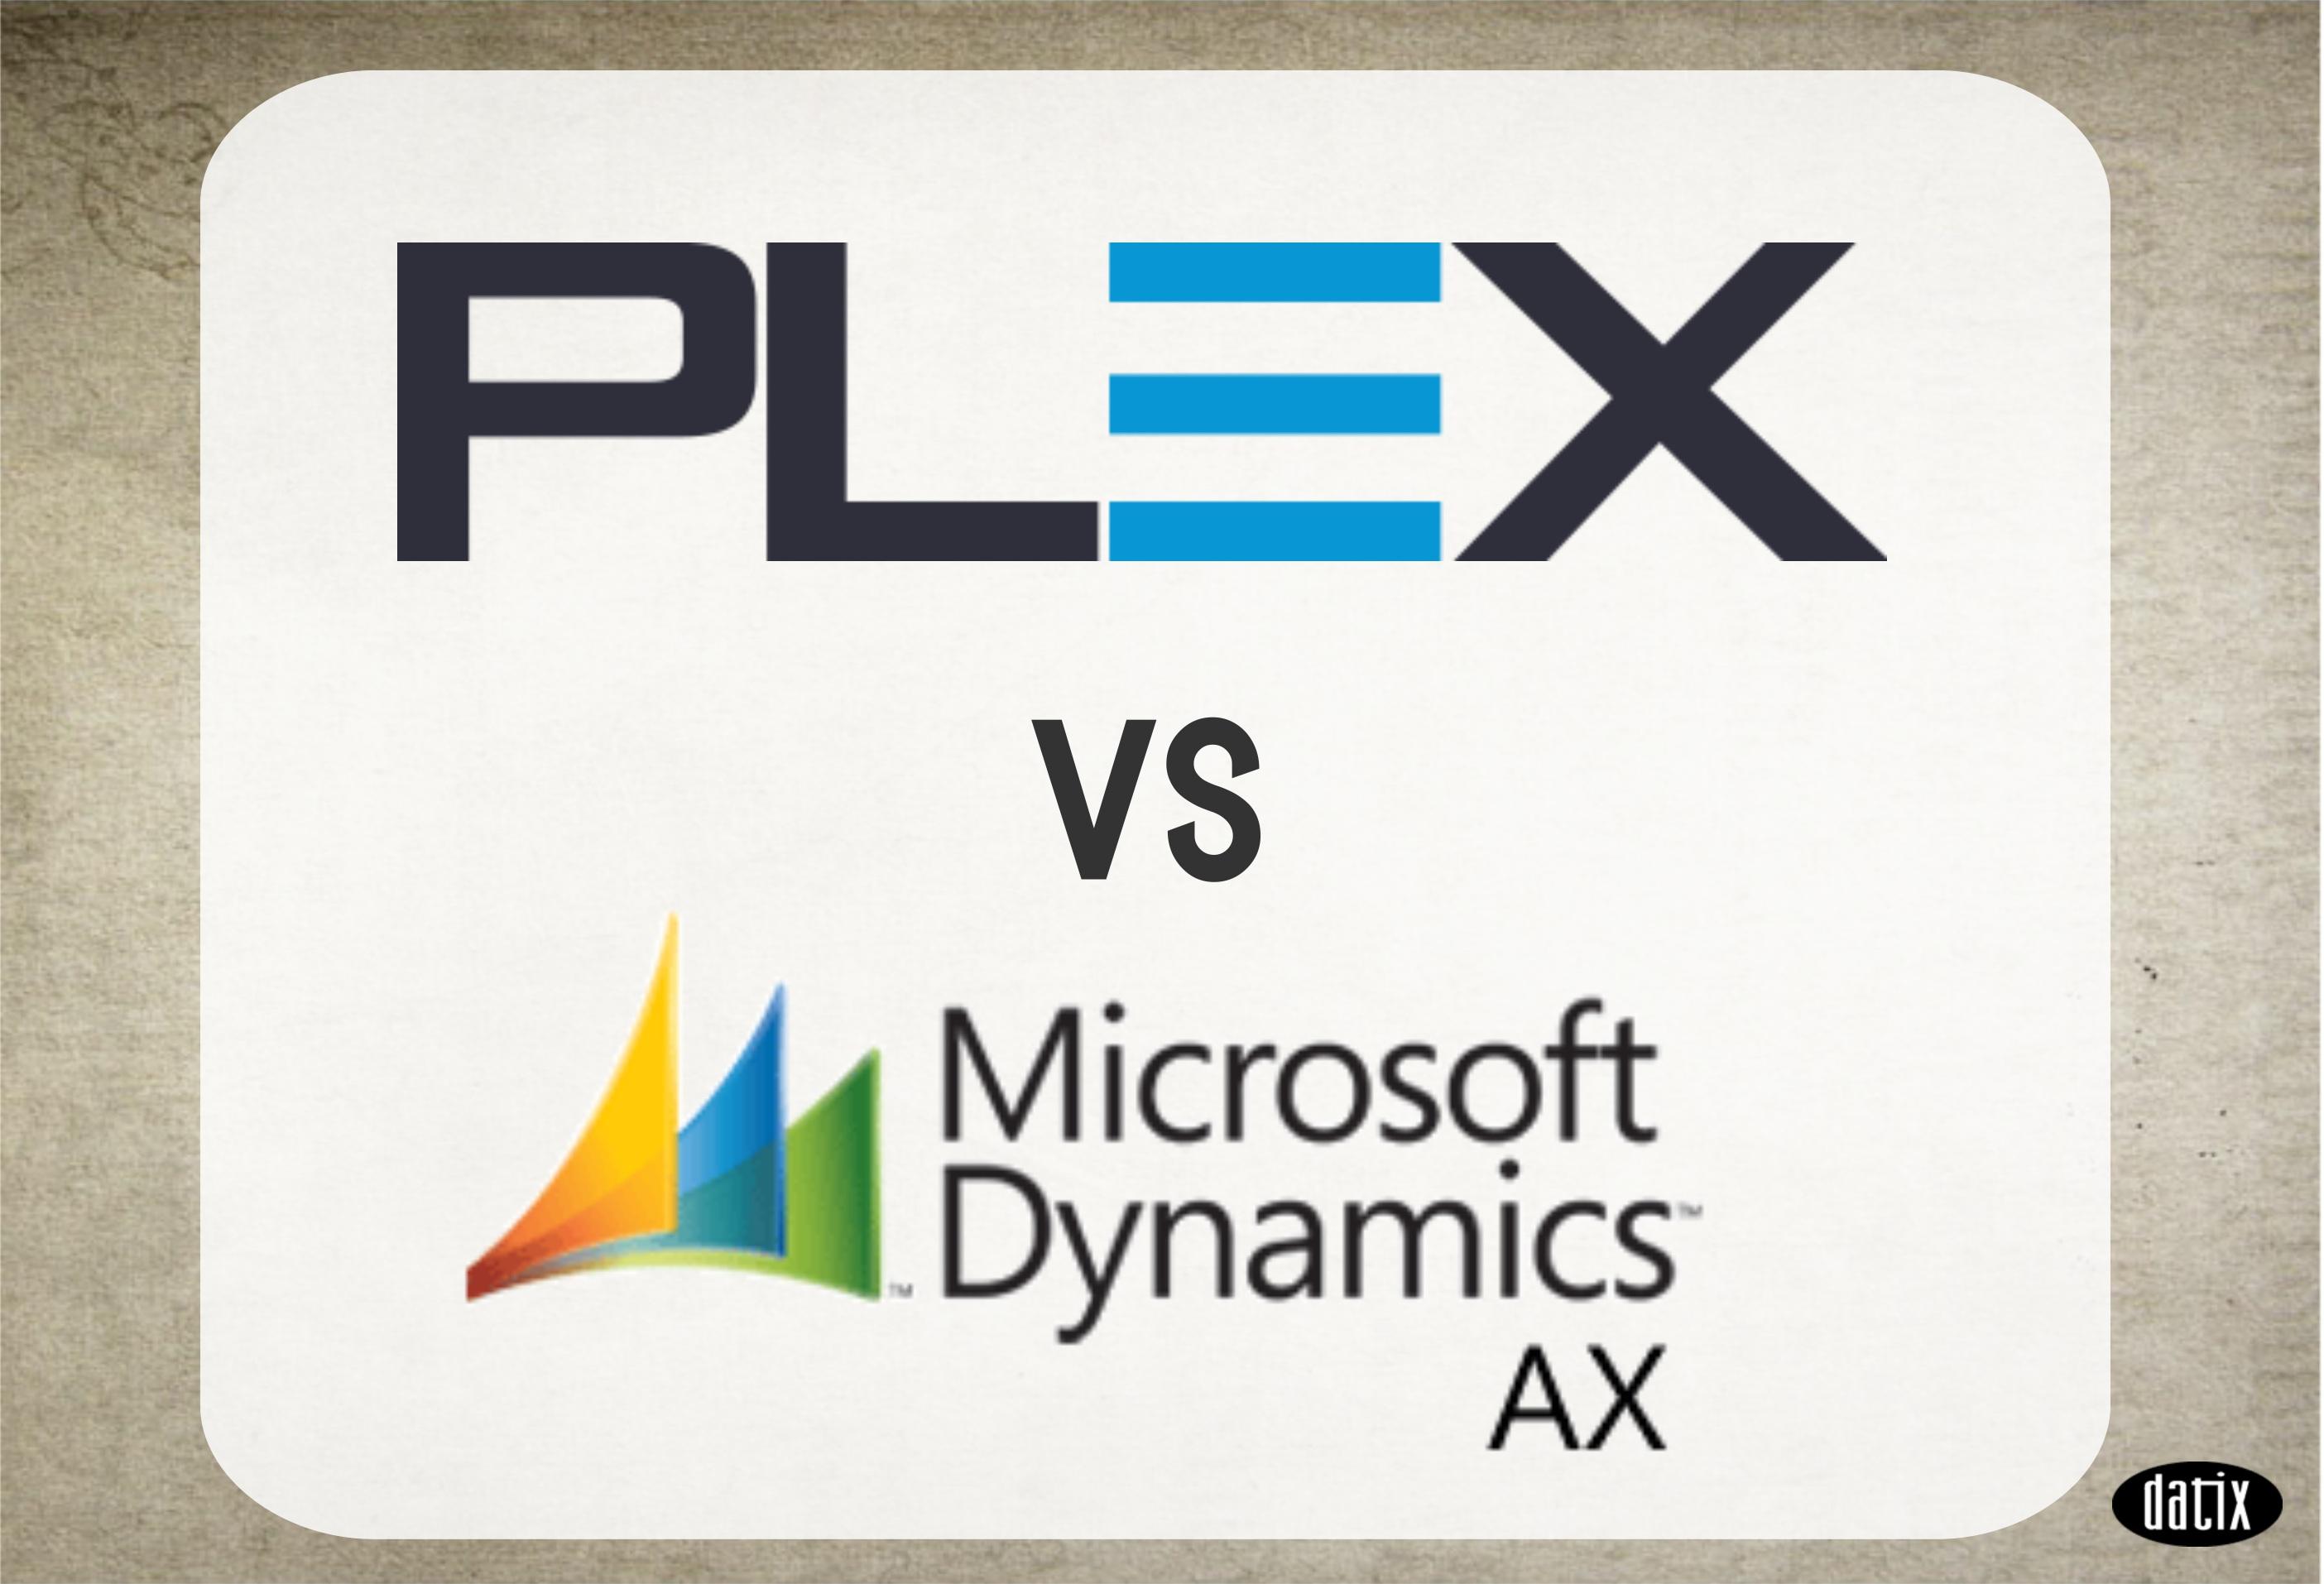 dynamics ax vs plex